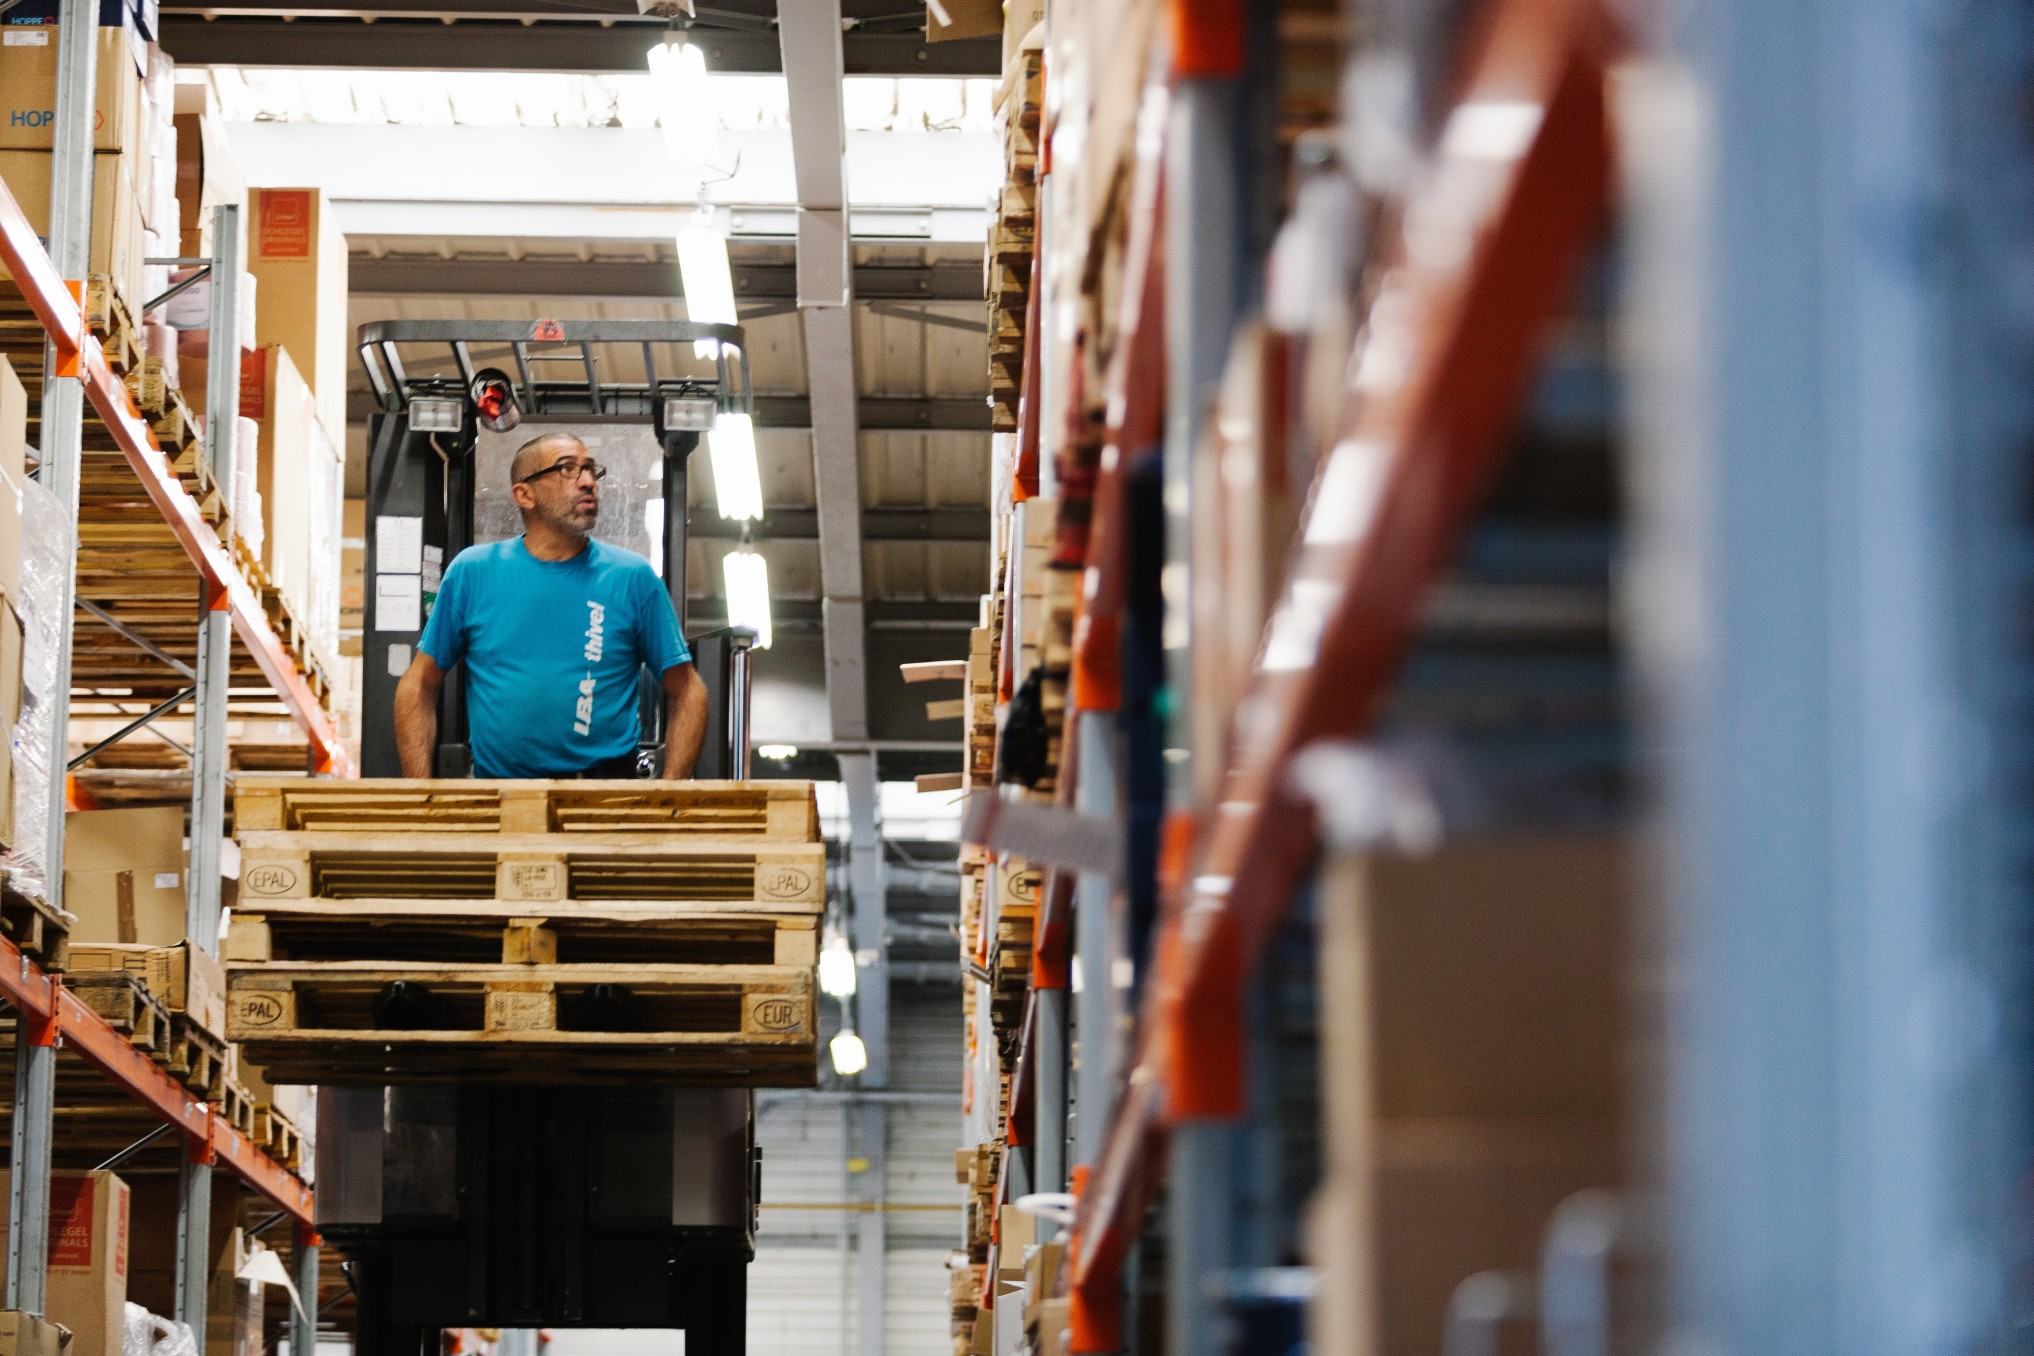 forklift-working-shelves-pallets-one_t20_nooNv6